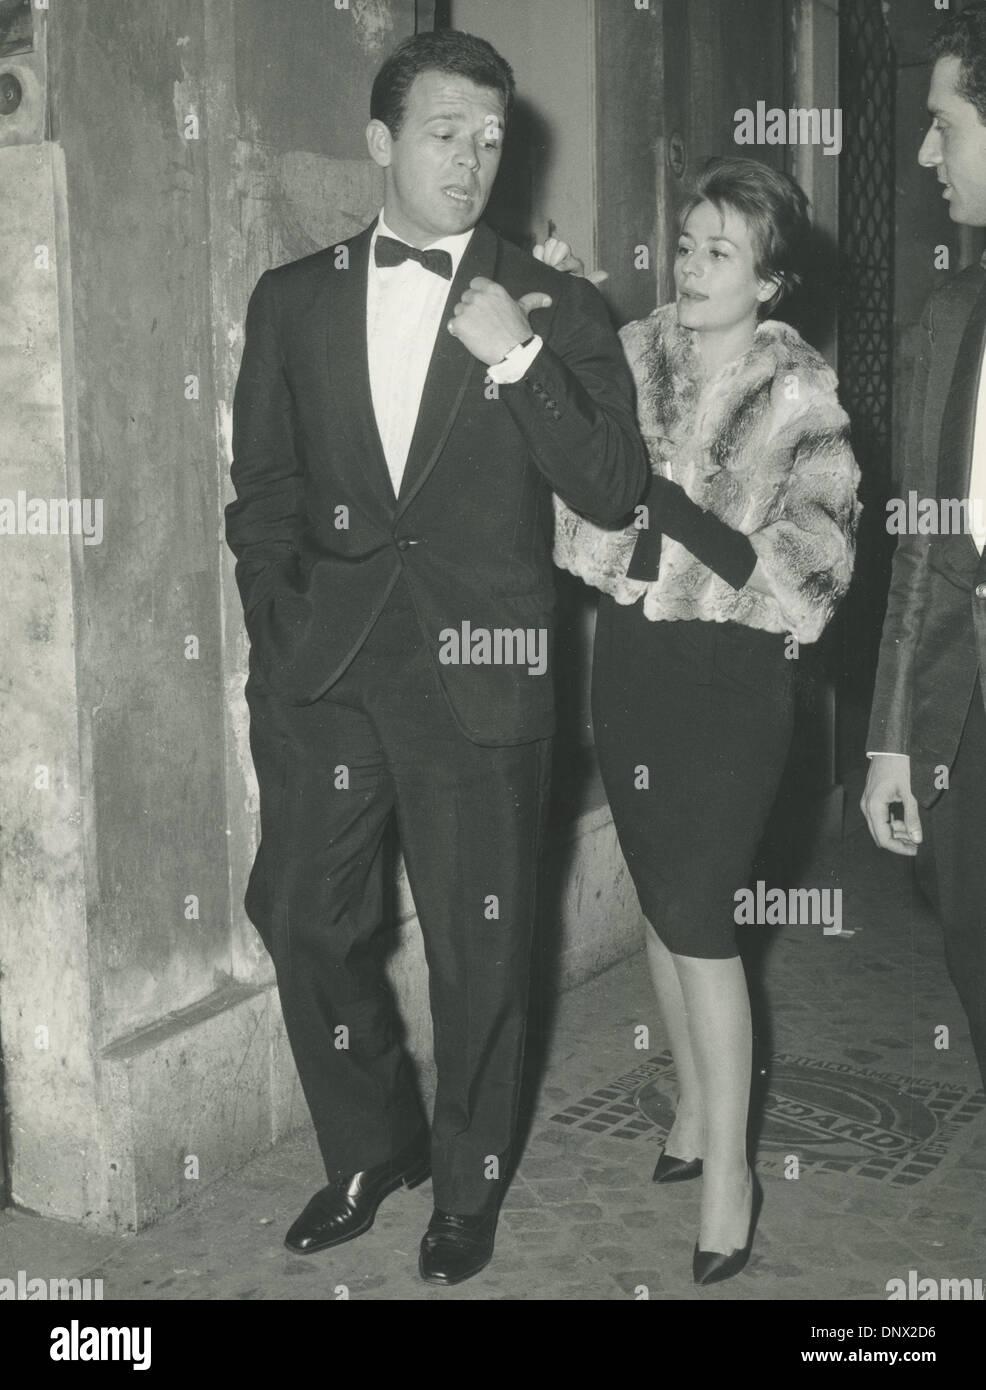 """Ottobre 06, 1962 - Roma, Italia - RENATO SALVATORI e sua moglie ANNIE GIRARDOT frequentare la premiere del film """"odoma e Gomorra"""". (Credito Immagine: © Keystone foto/ZUMAPRESS.com) Foto Stock"""